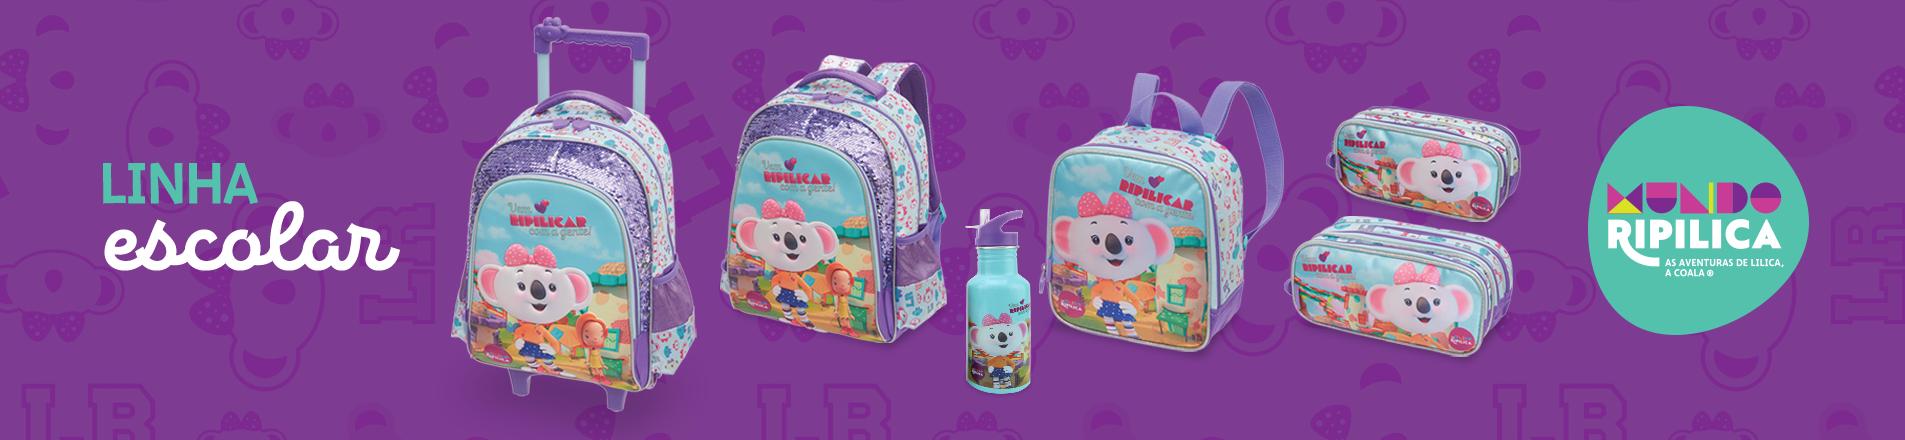 Lilica-kit-escolar